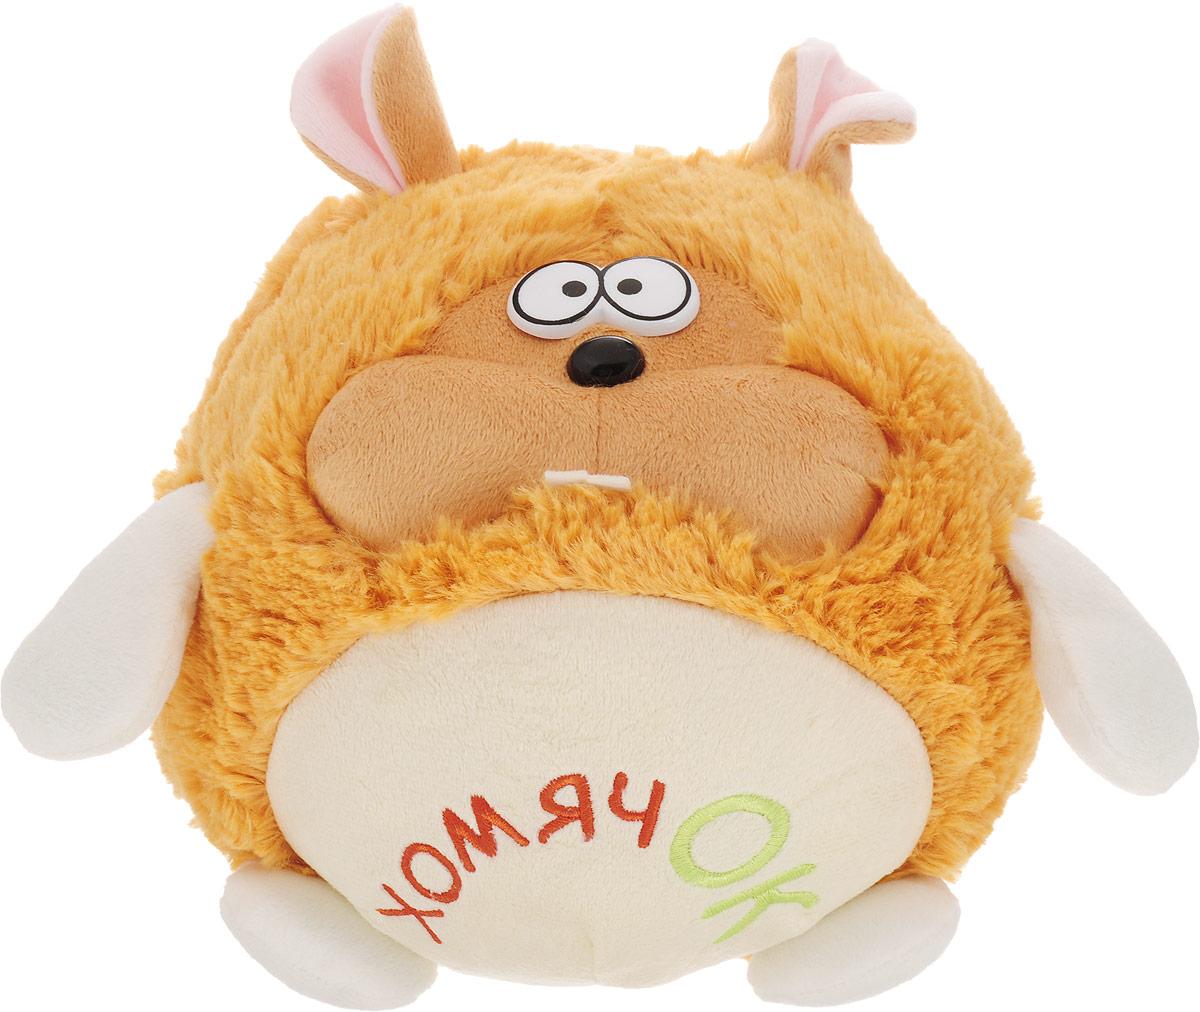 Fancy Мягкая игрушка Хомячок Круглик 18 см fancy хомячок круглик